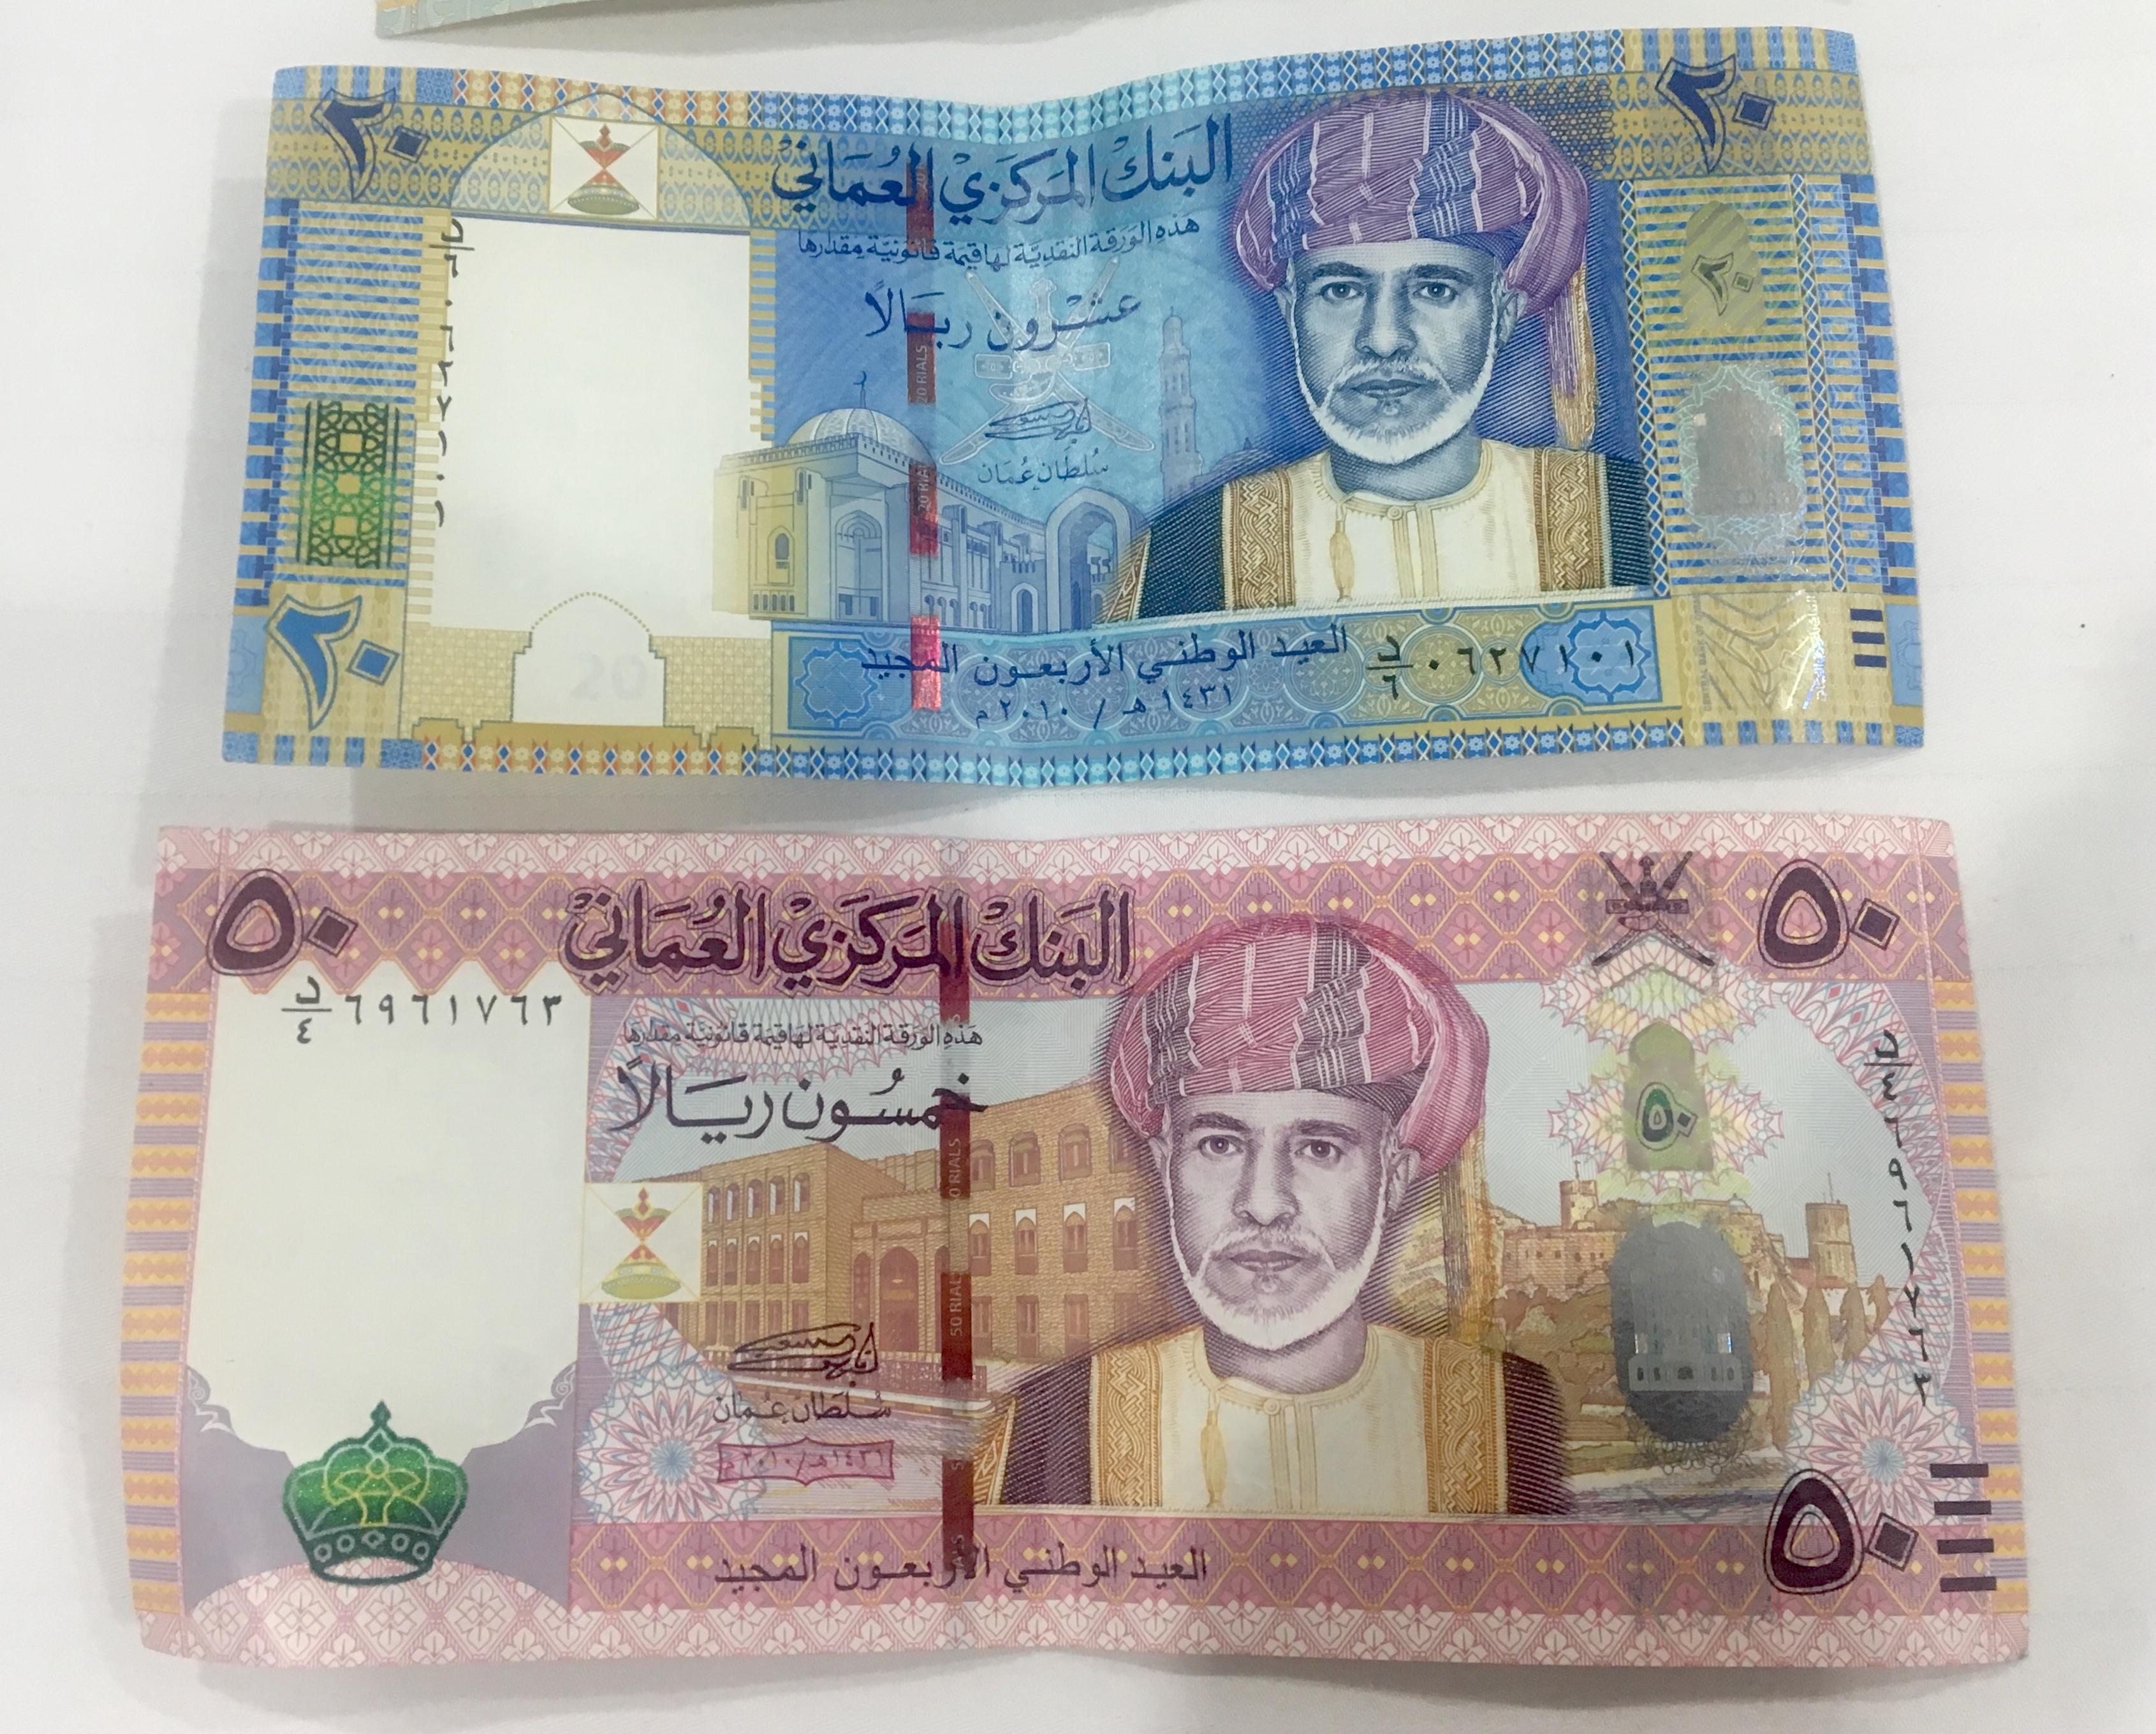 monnaie oman, rial